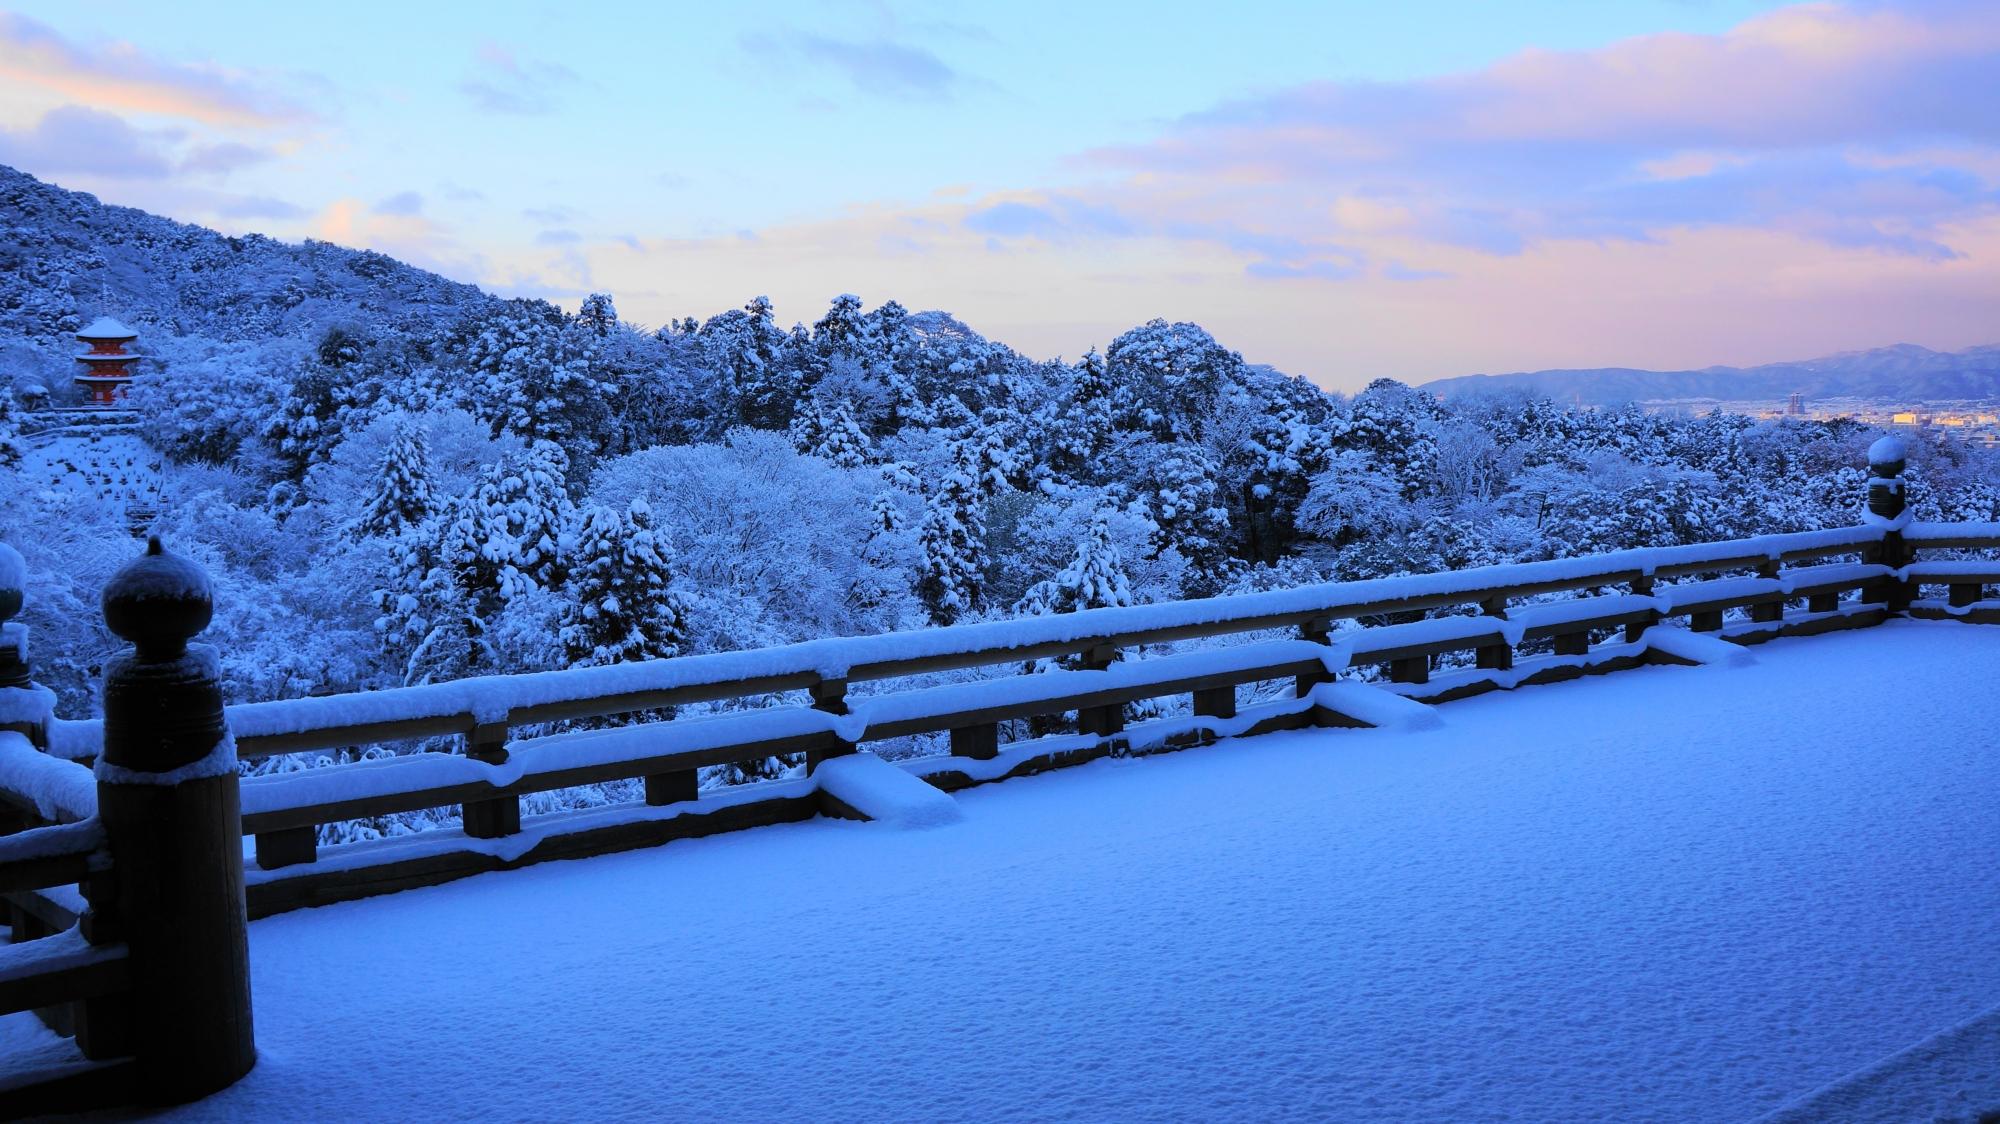 朝焼けもうっすら見える美しすぎる雪の清水の舞台